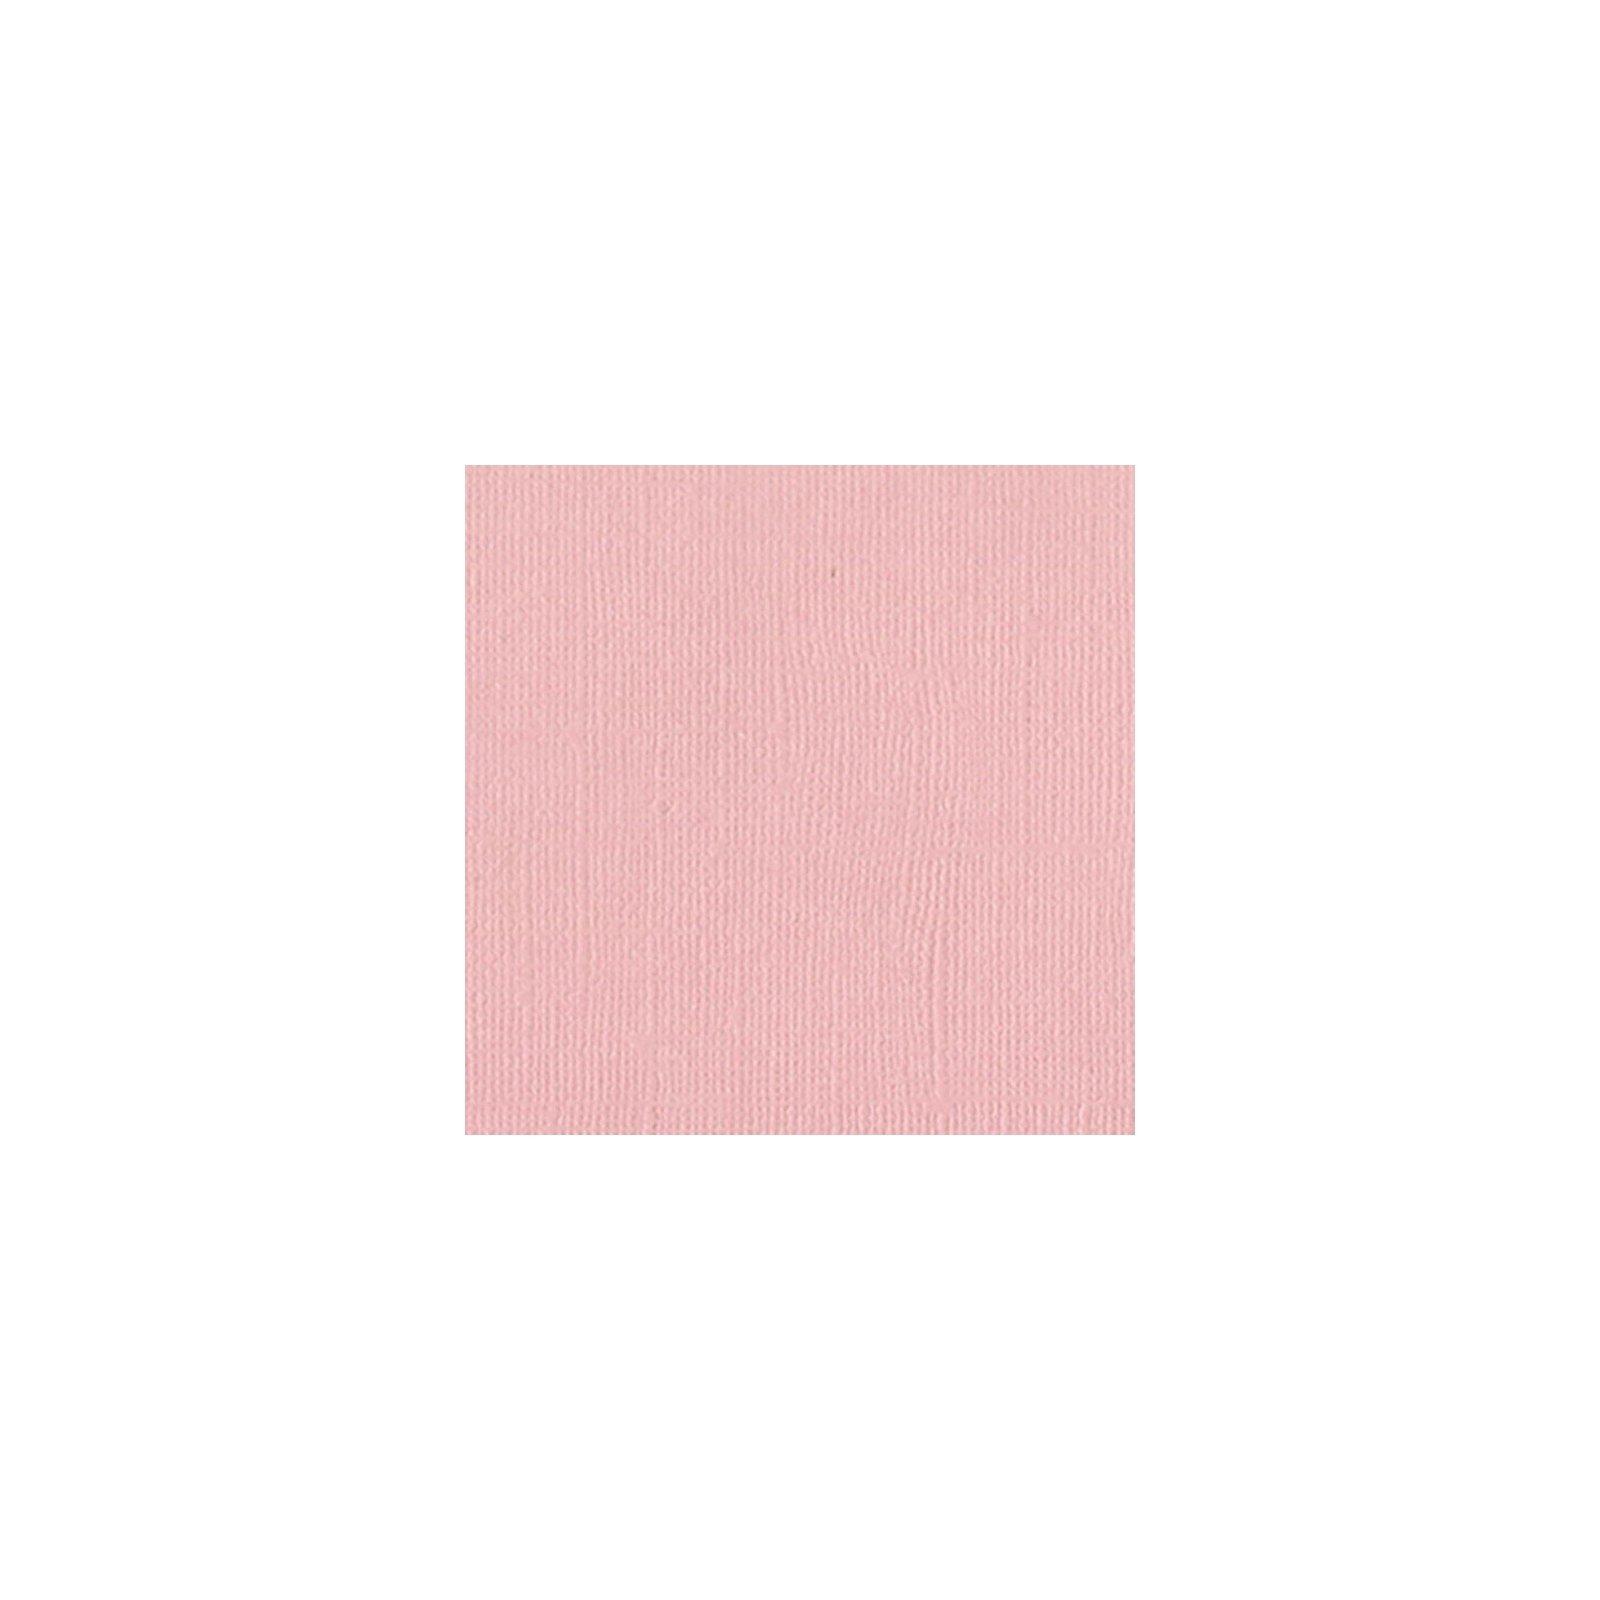 Papier rose - Quartz - Mono - Bazzil Basics Paper